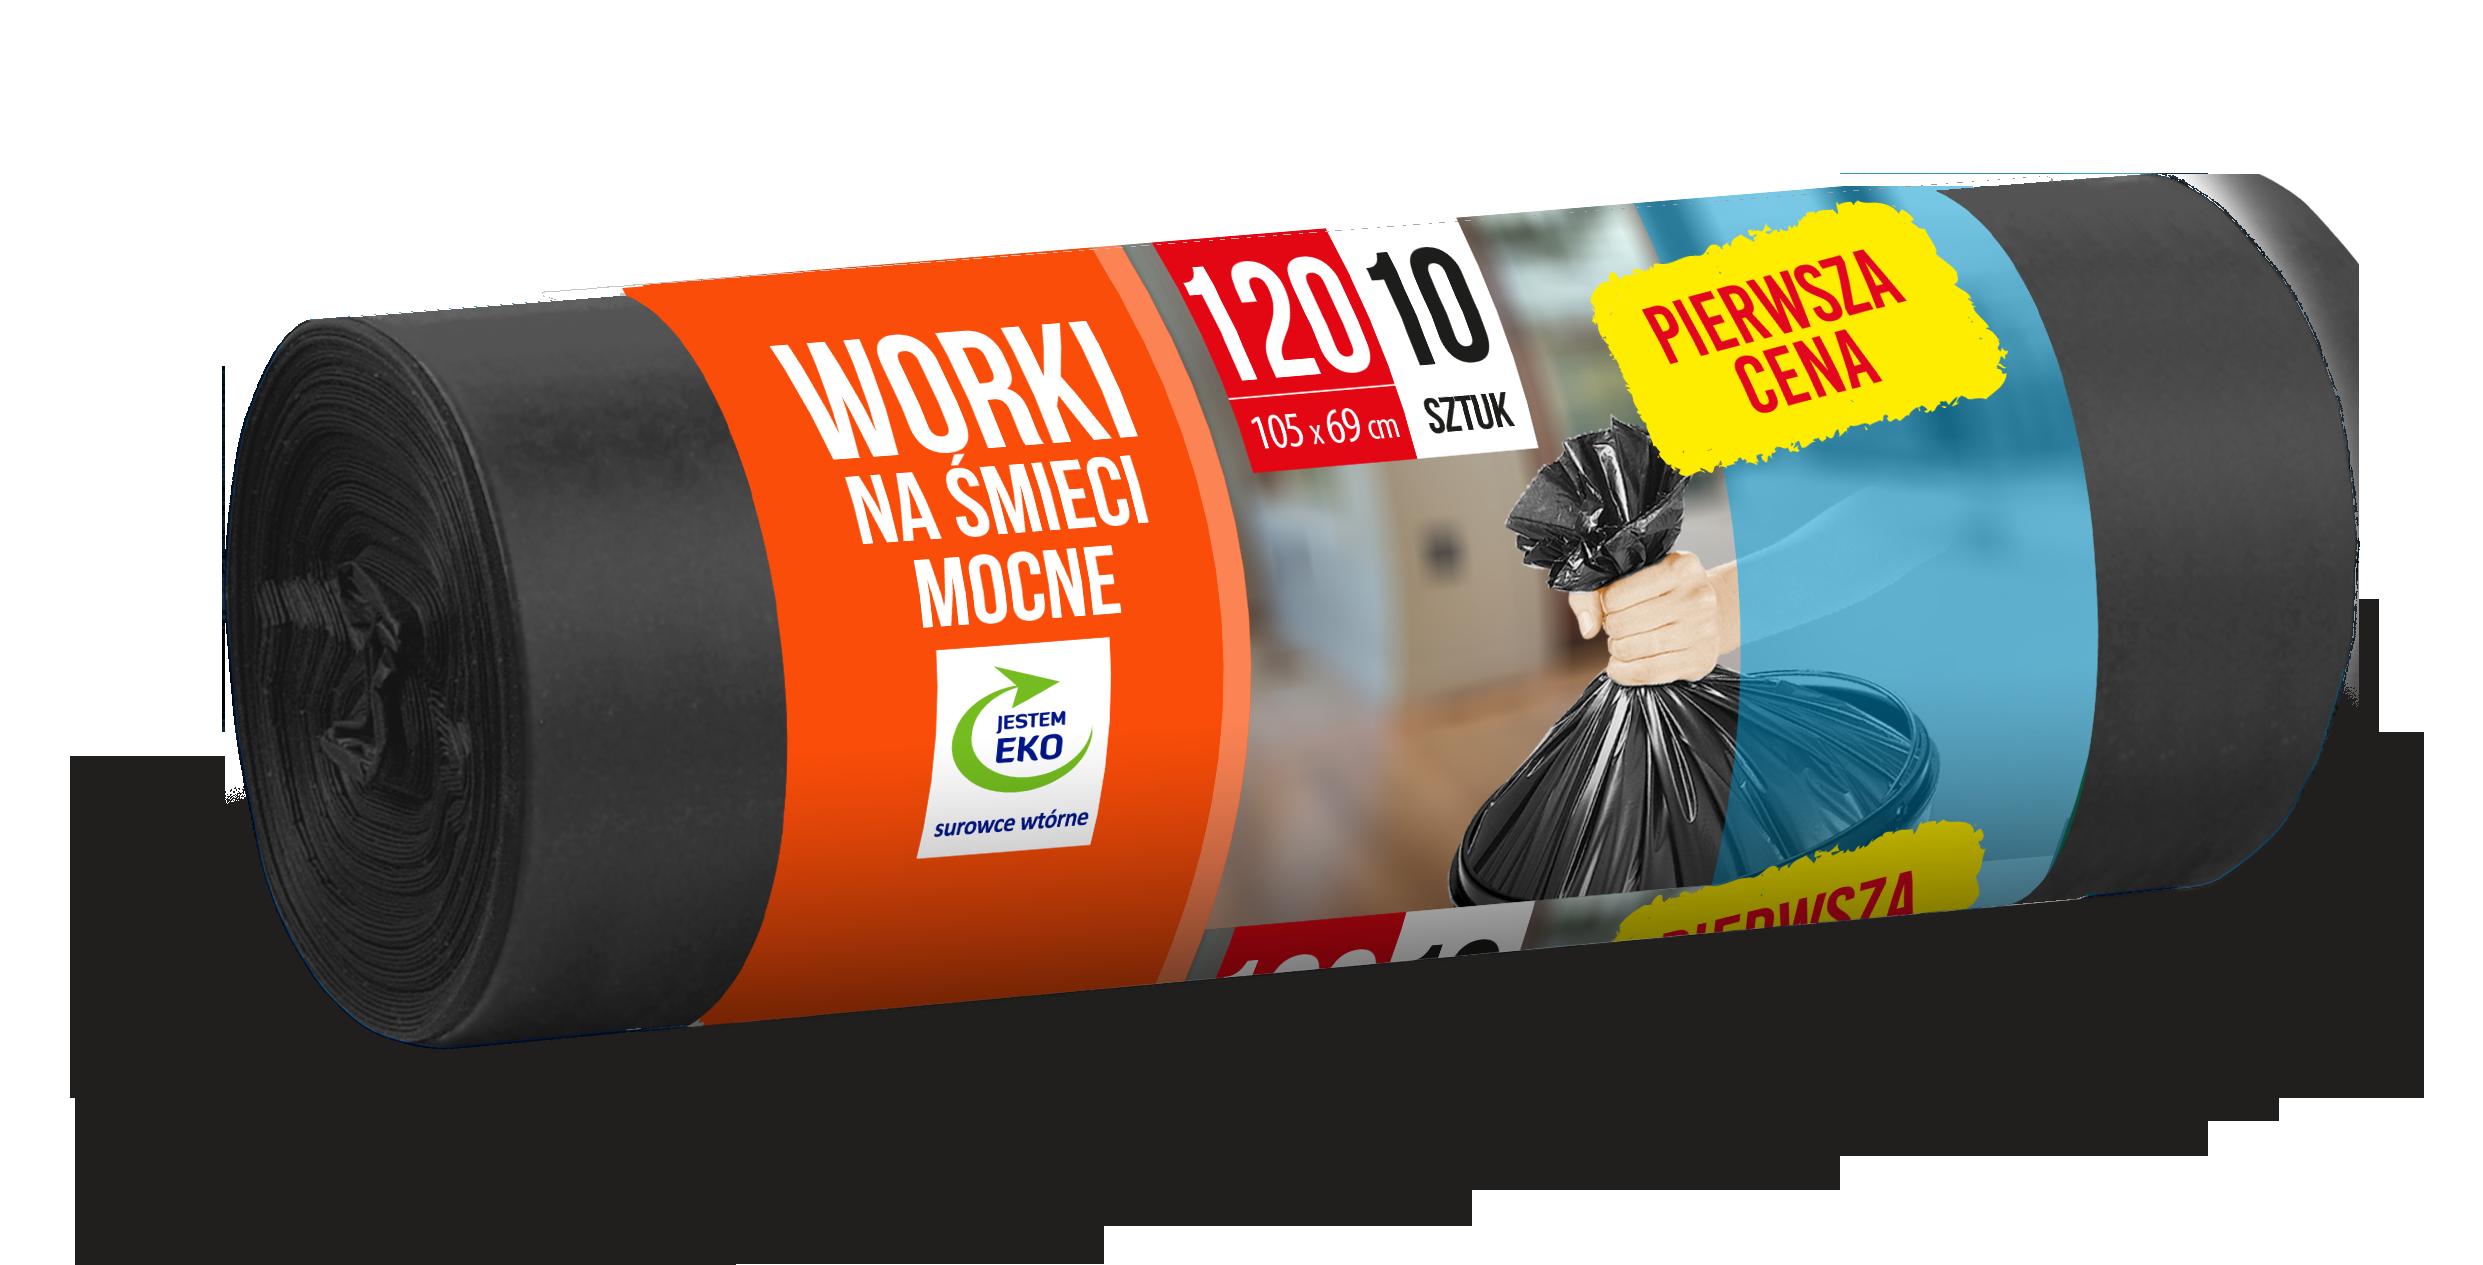 PC_WNS_mocne_120L_10szt_5122